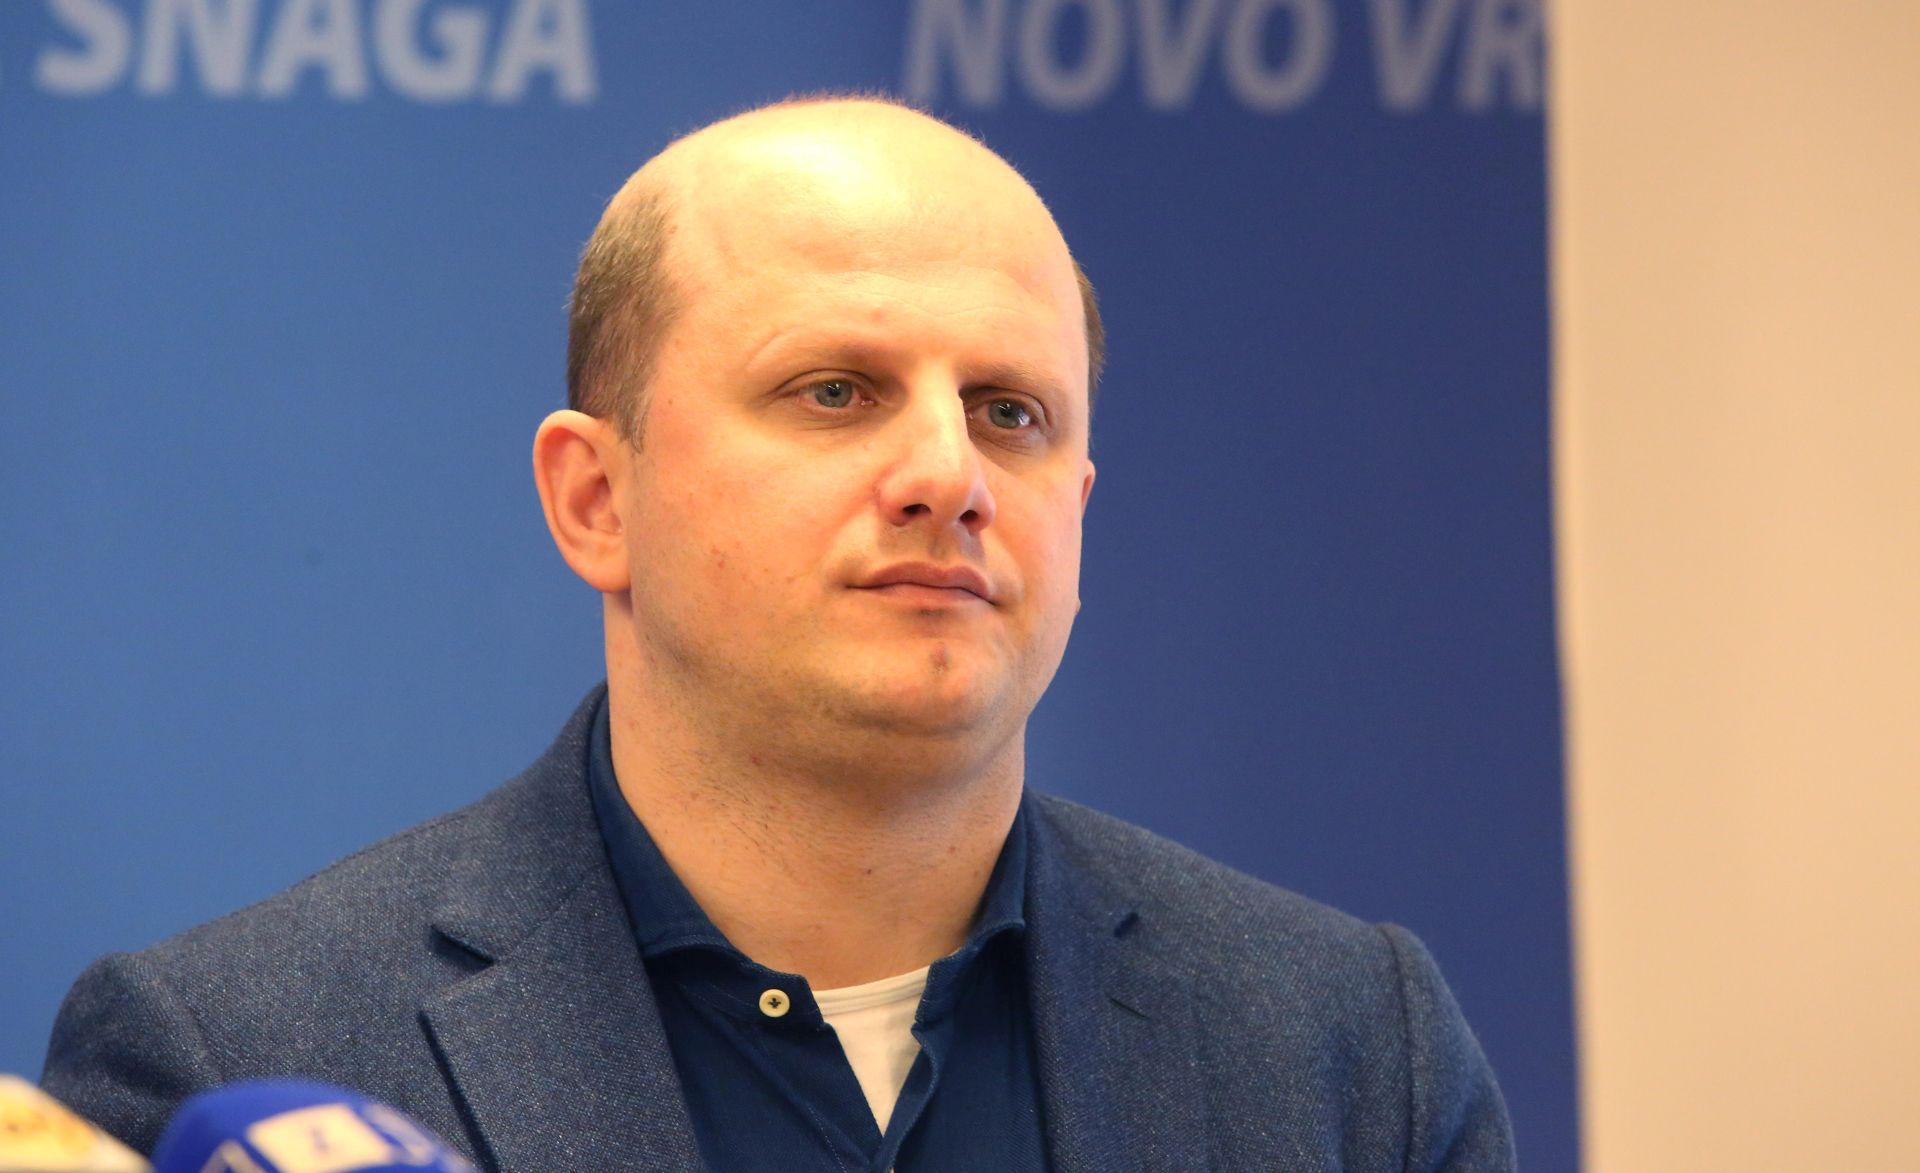 'Valjda ćemo tijekom rasprave saznati da je i Stjepan Radić pušio marihuanu'